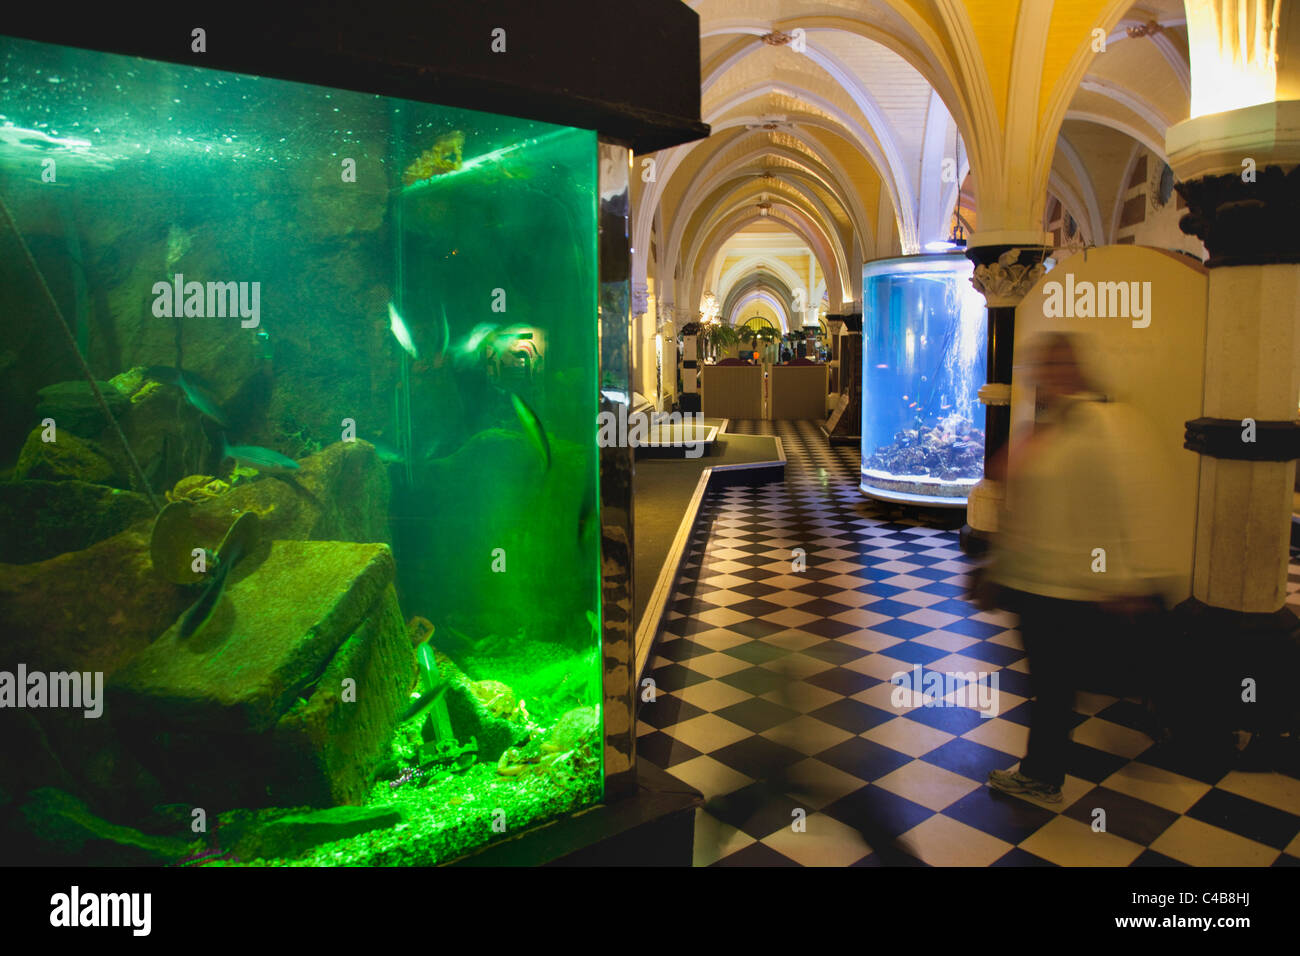 England, East Sussex, Brighton, Interior of the Sea Life Centre underground Aquarium on the seafront. - Stock Image